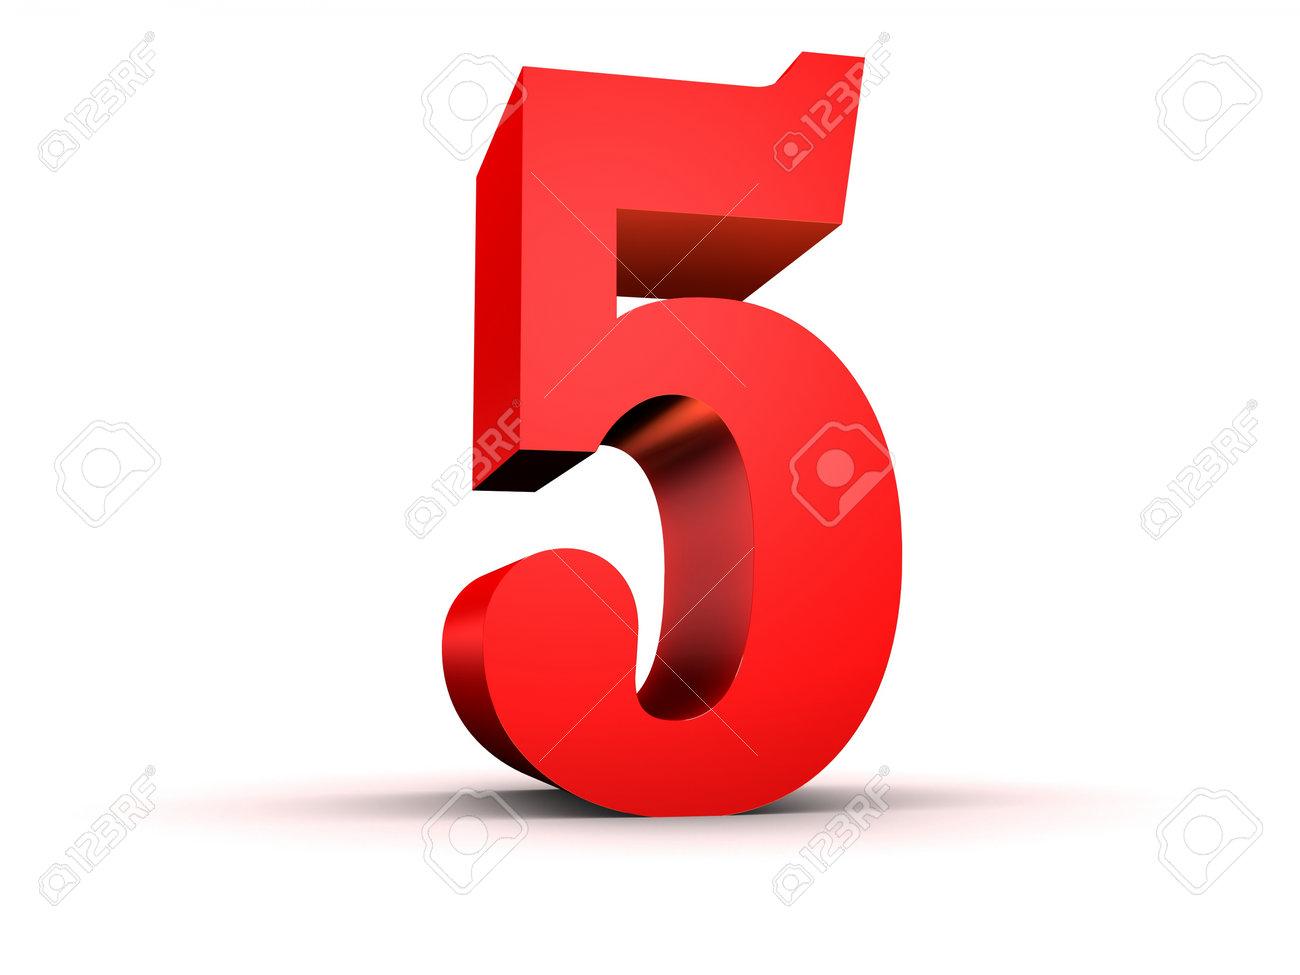 赤の 3 d 数 5 ロイヤリティーフリーフォト ピクチャー 画像 ストック